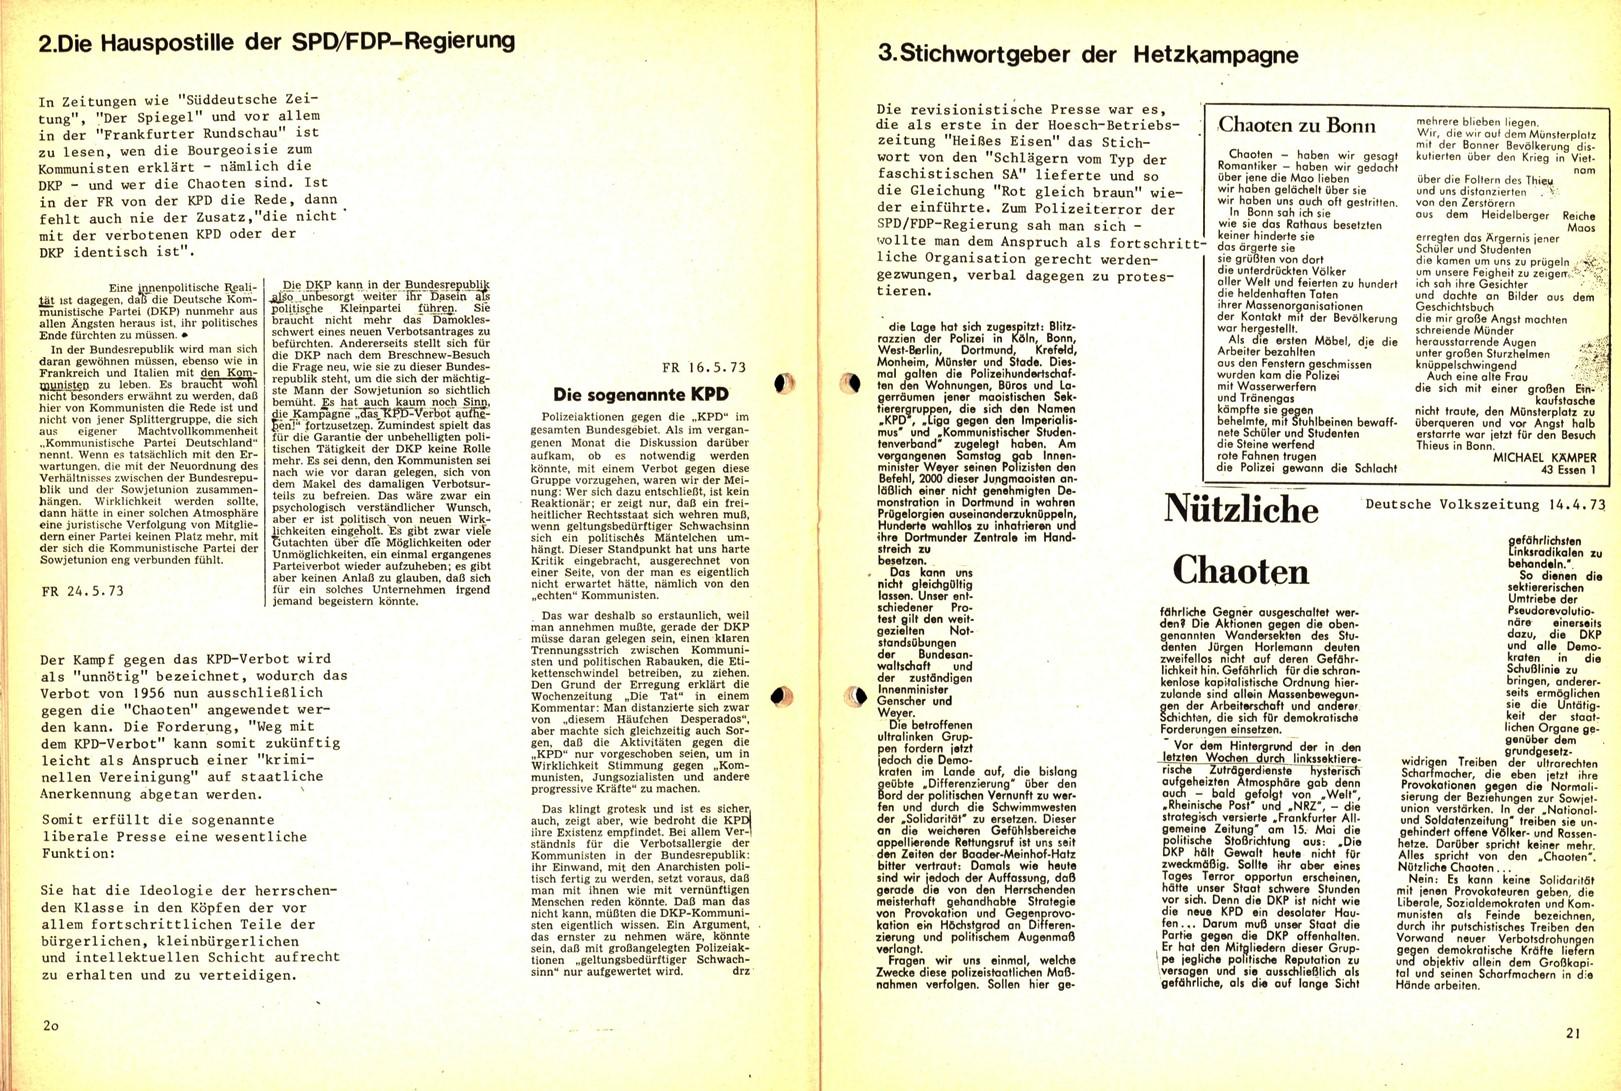 Komitee_Haende_weg_von_der_KPD_1973_Polizeijournalismus_11